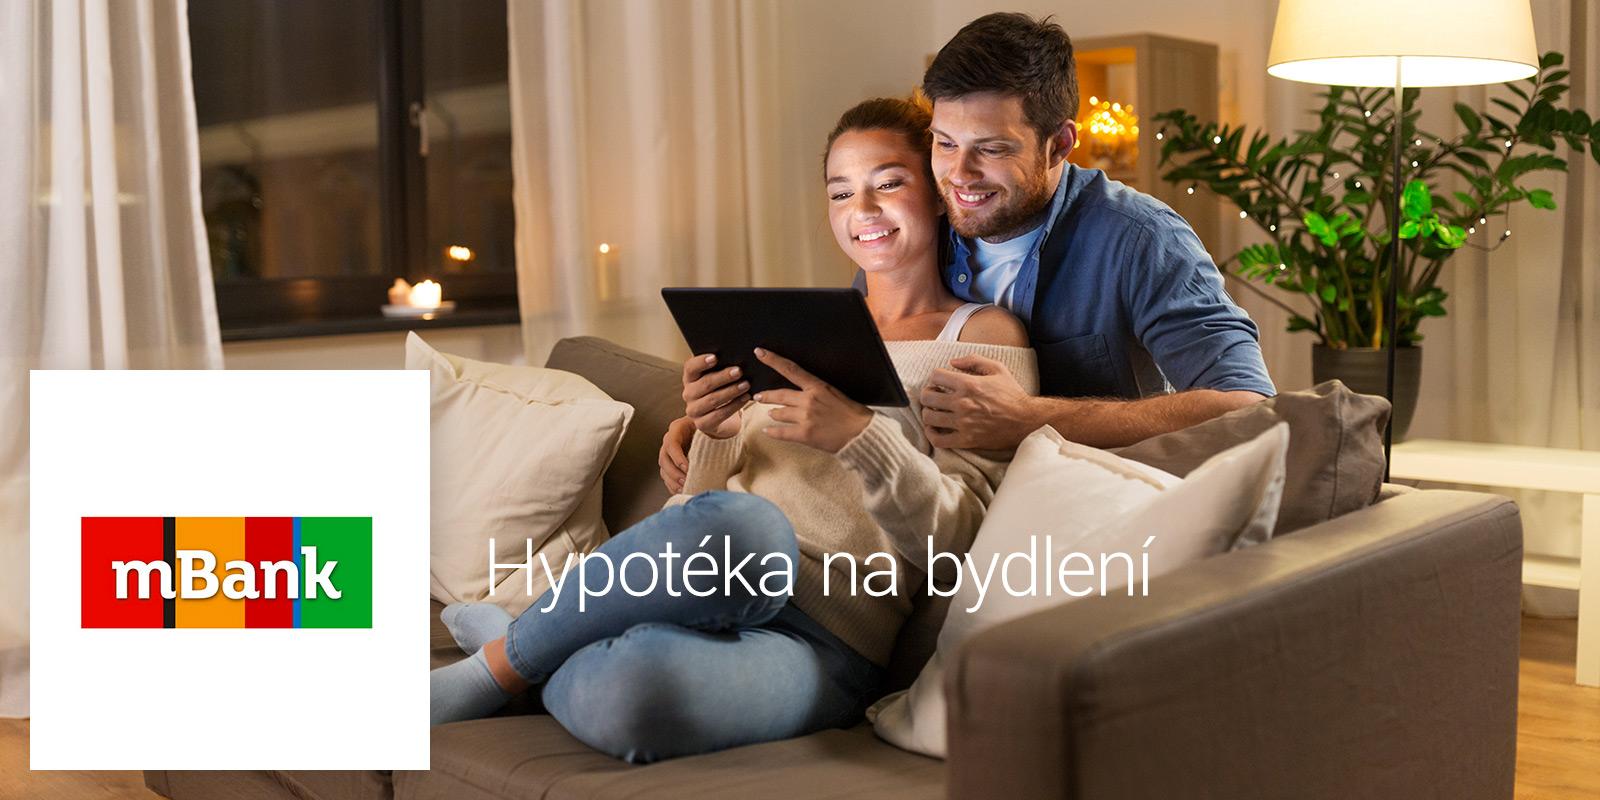 mBank – Hypotéka